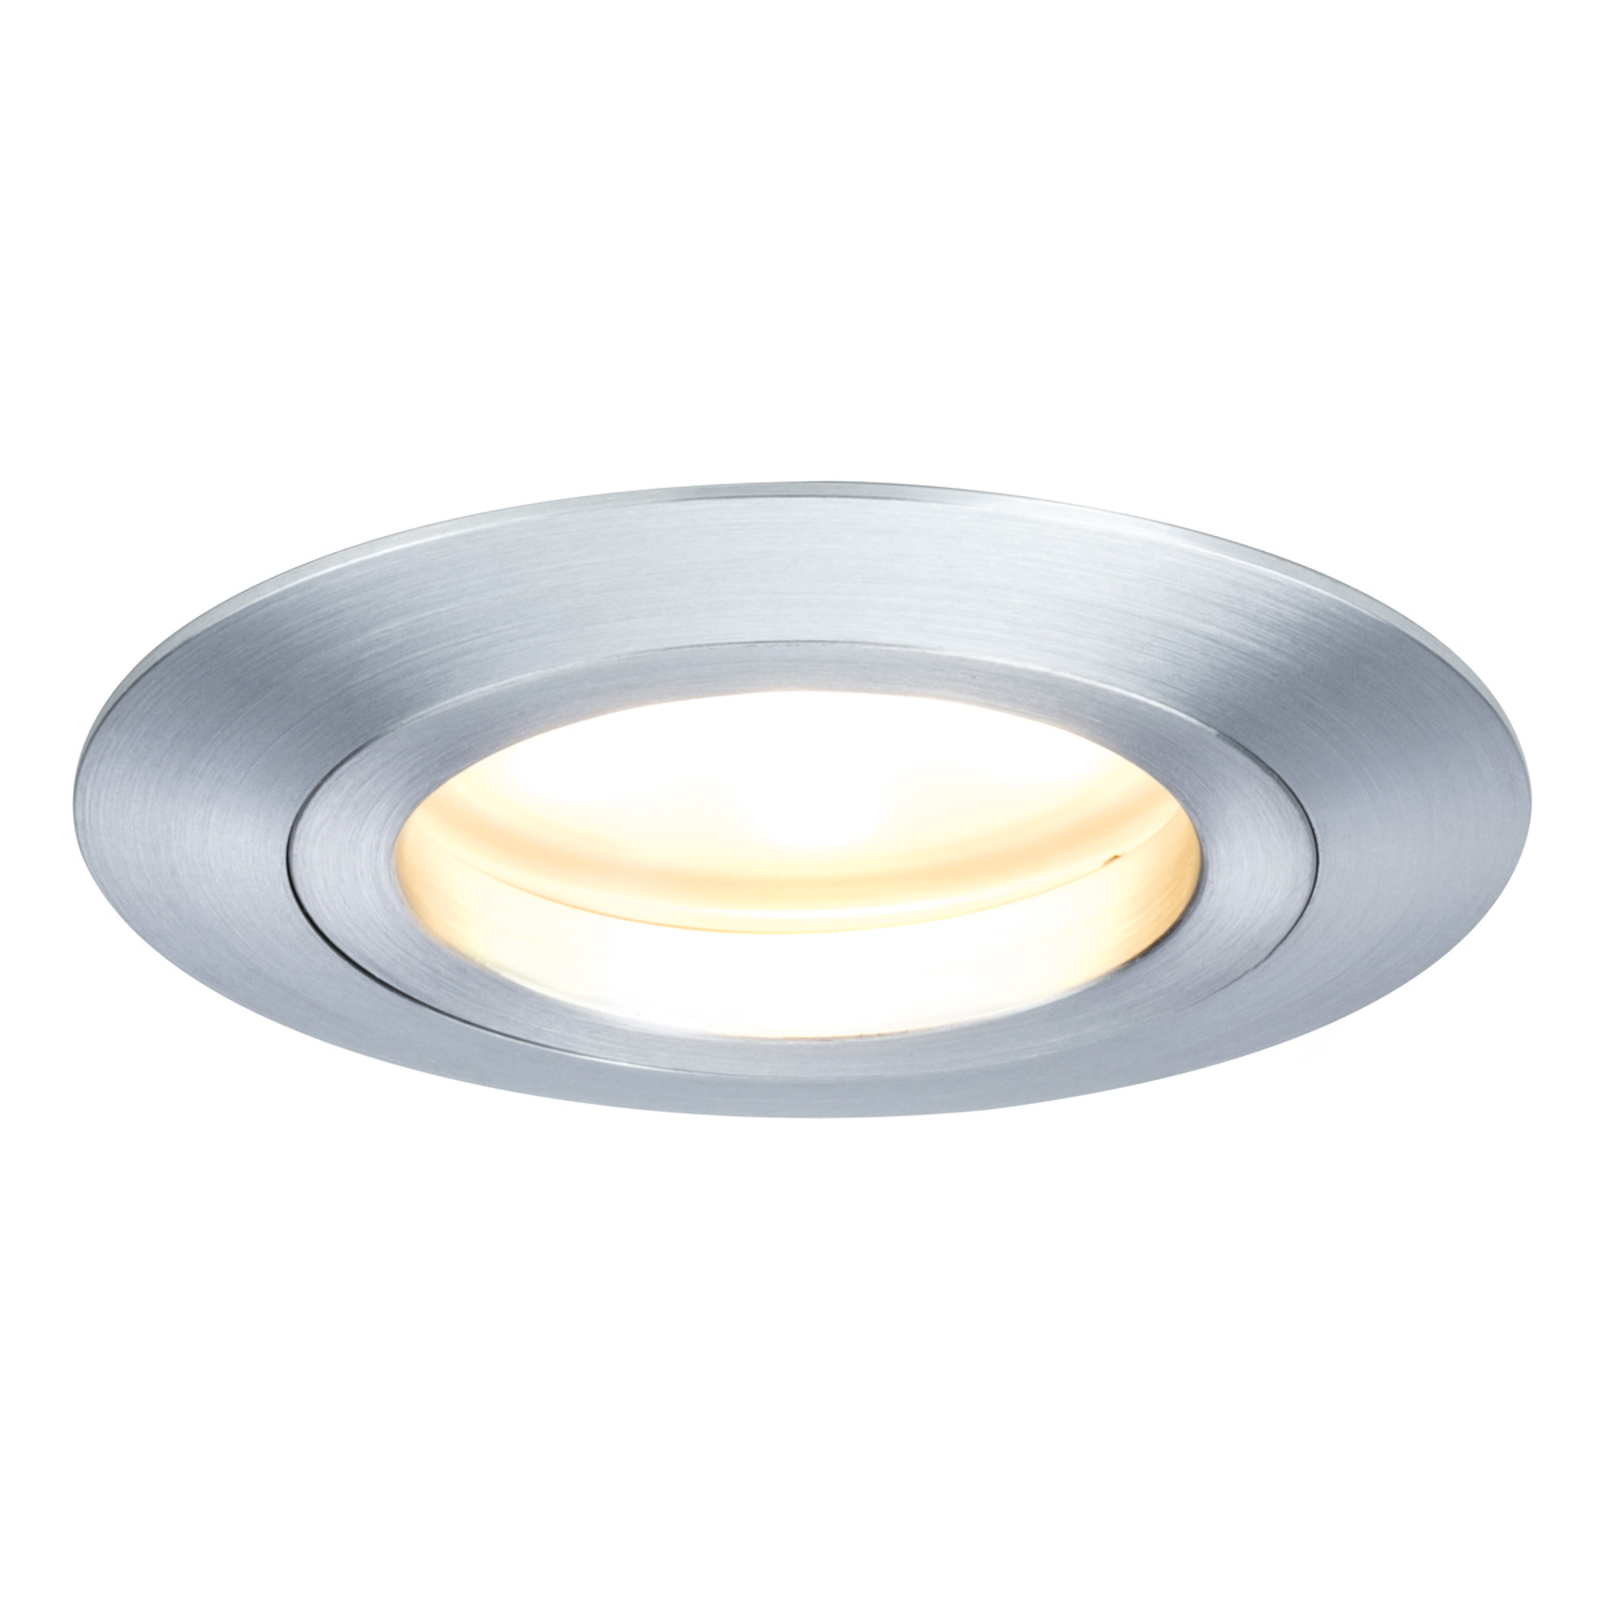 Tredelt sett LED-lampe Coin rund IP44 alu dreid